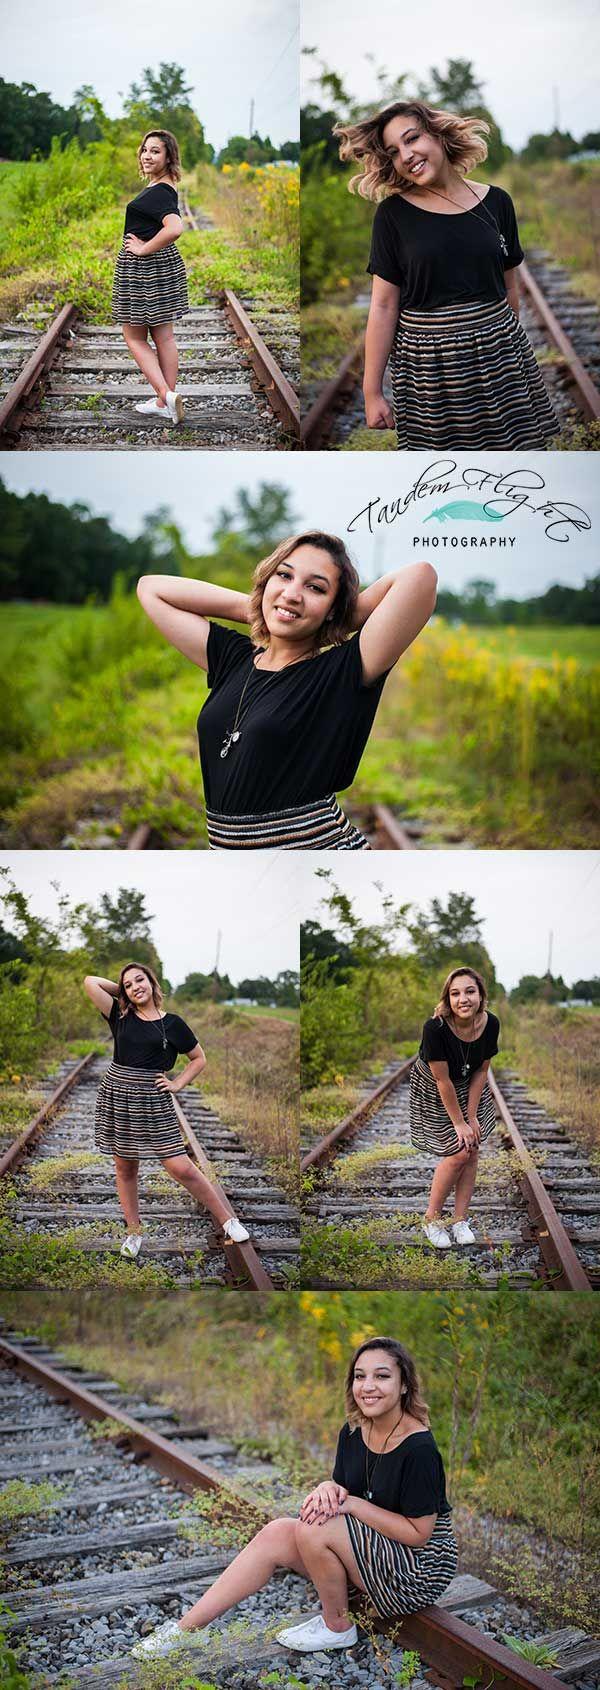 Senior on train tracks, senior picture ideas, senior picture poses, senior, senior poses, creative senior pictures